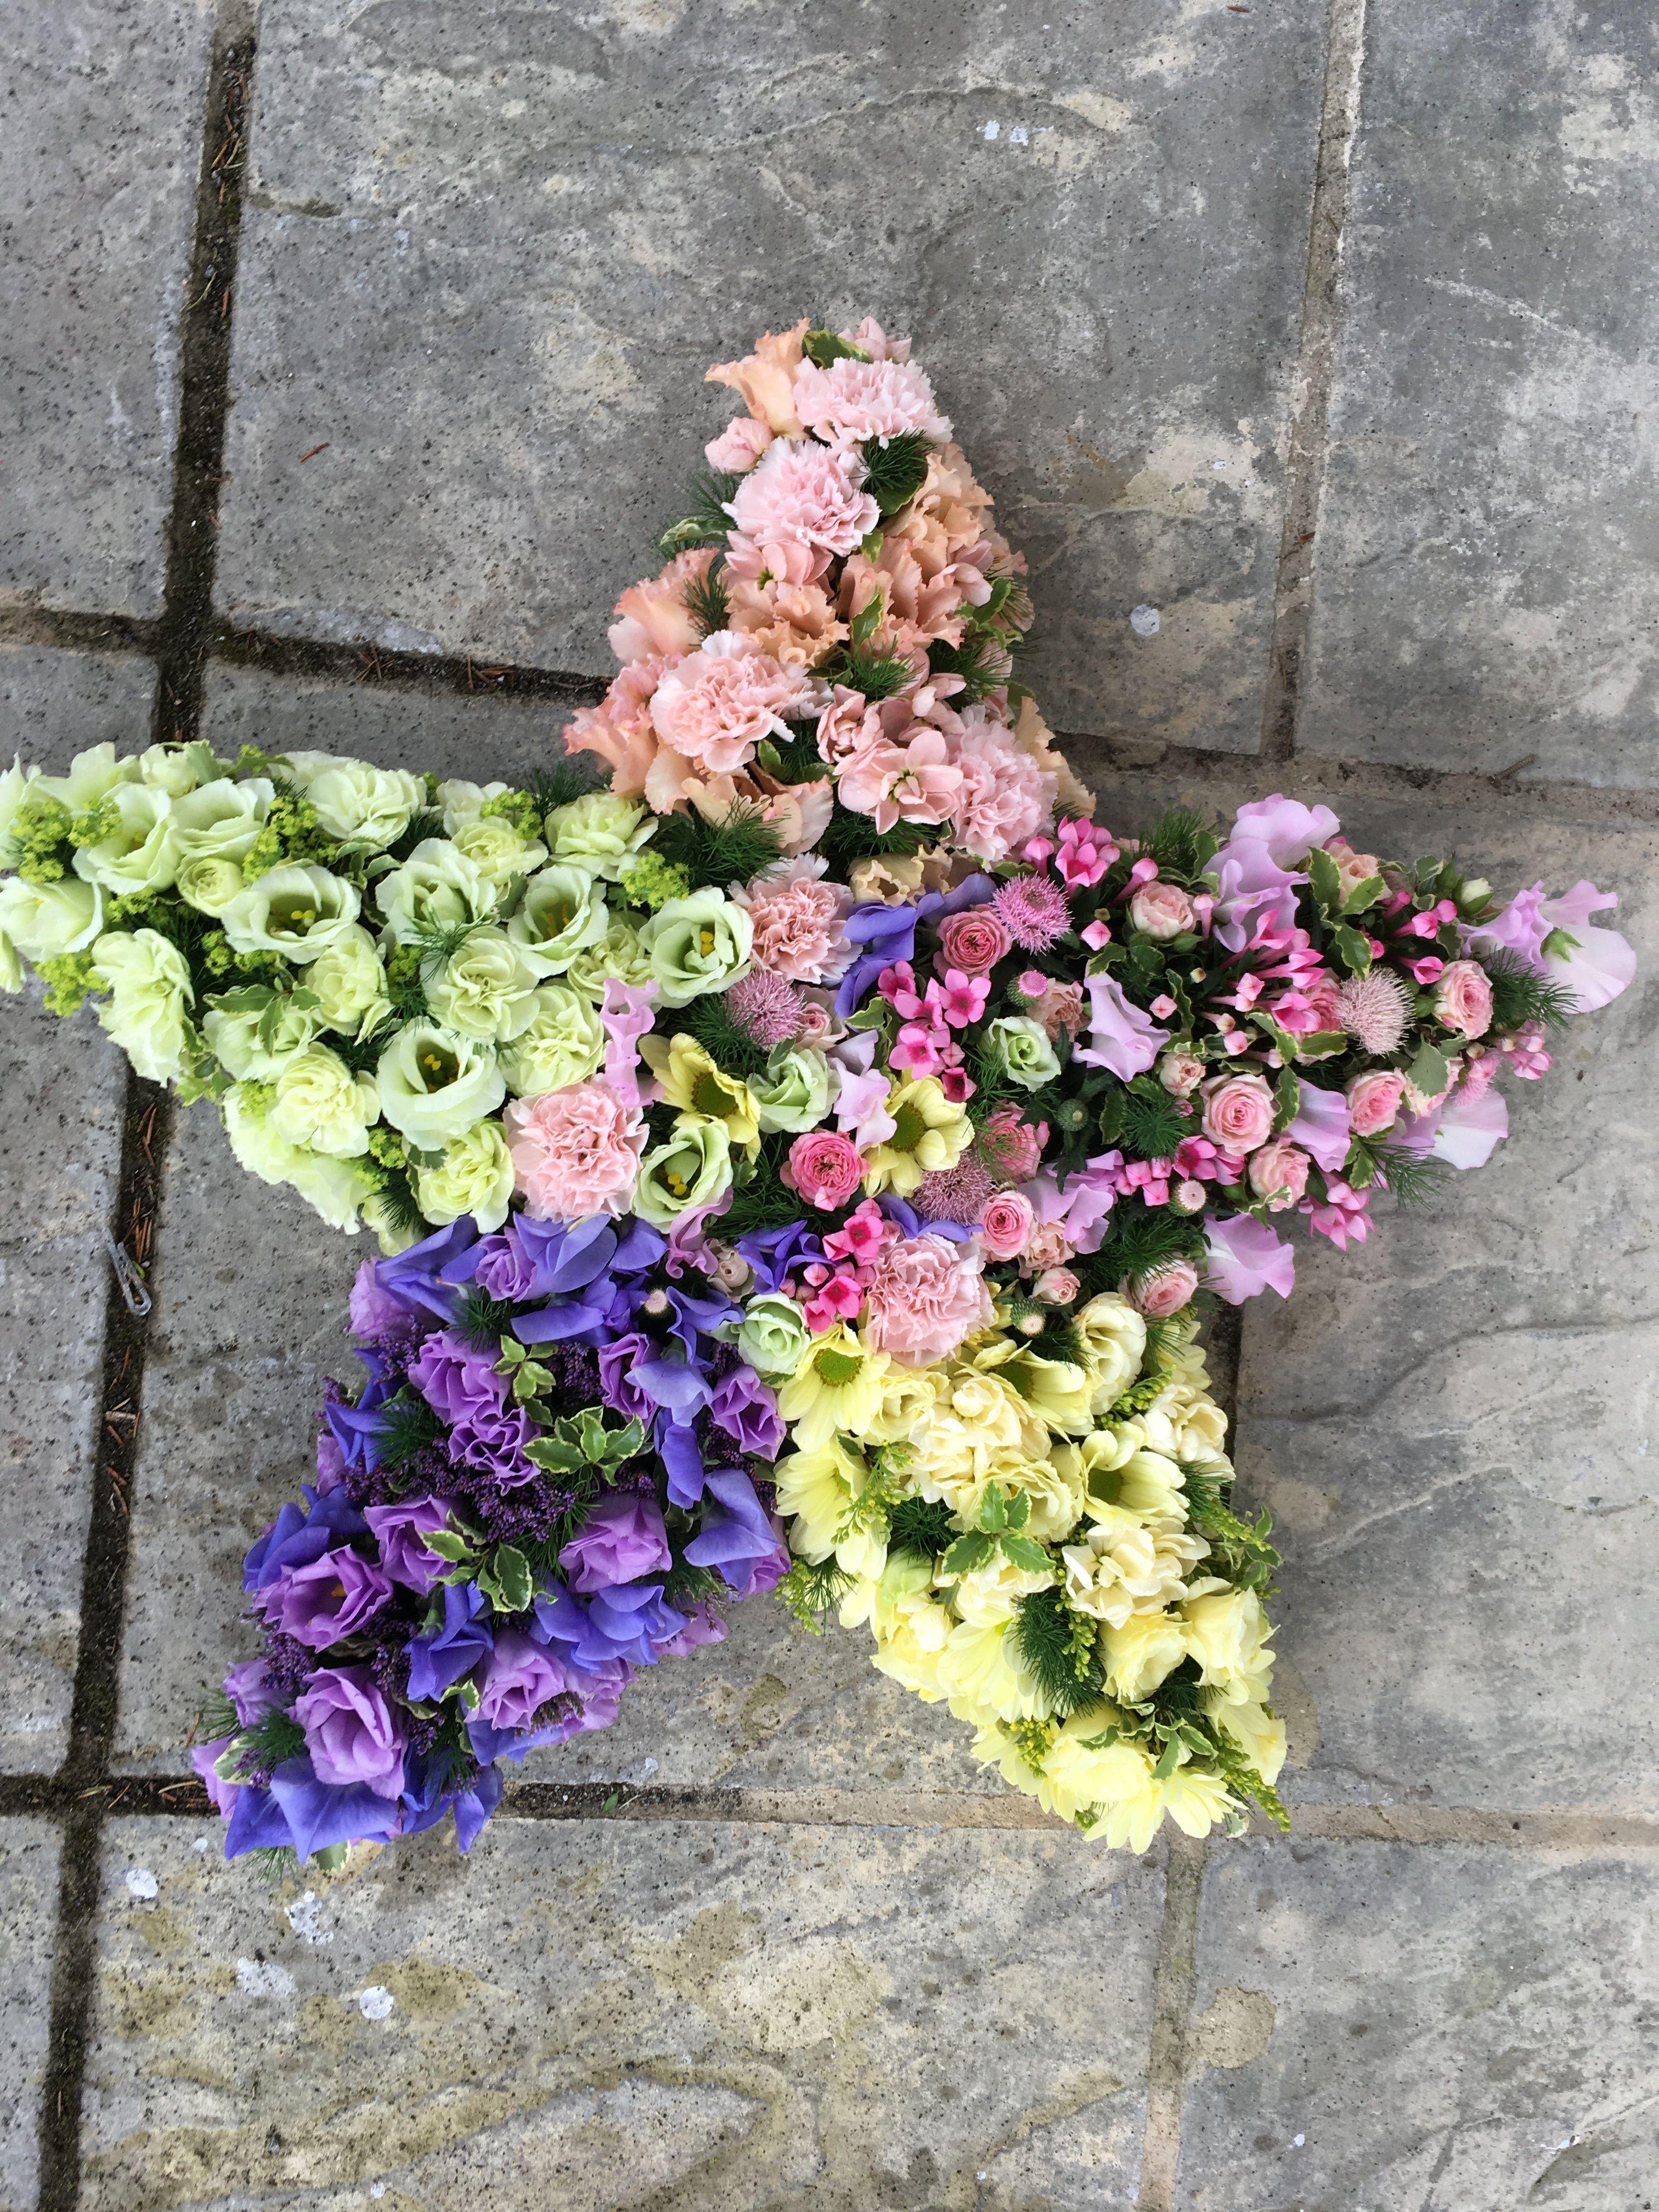 Floral Star Flowerstar Funeralflowers Ammiflowersdevizes